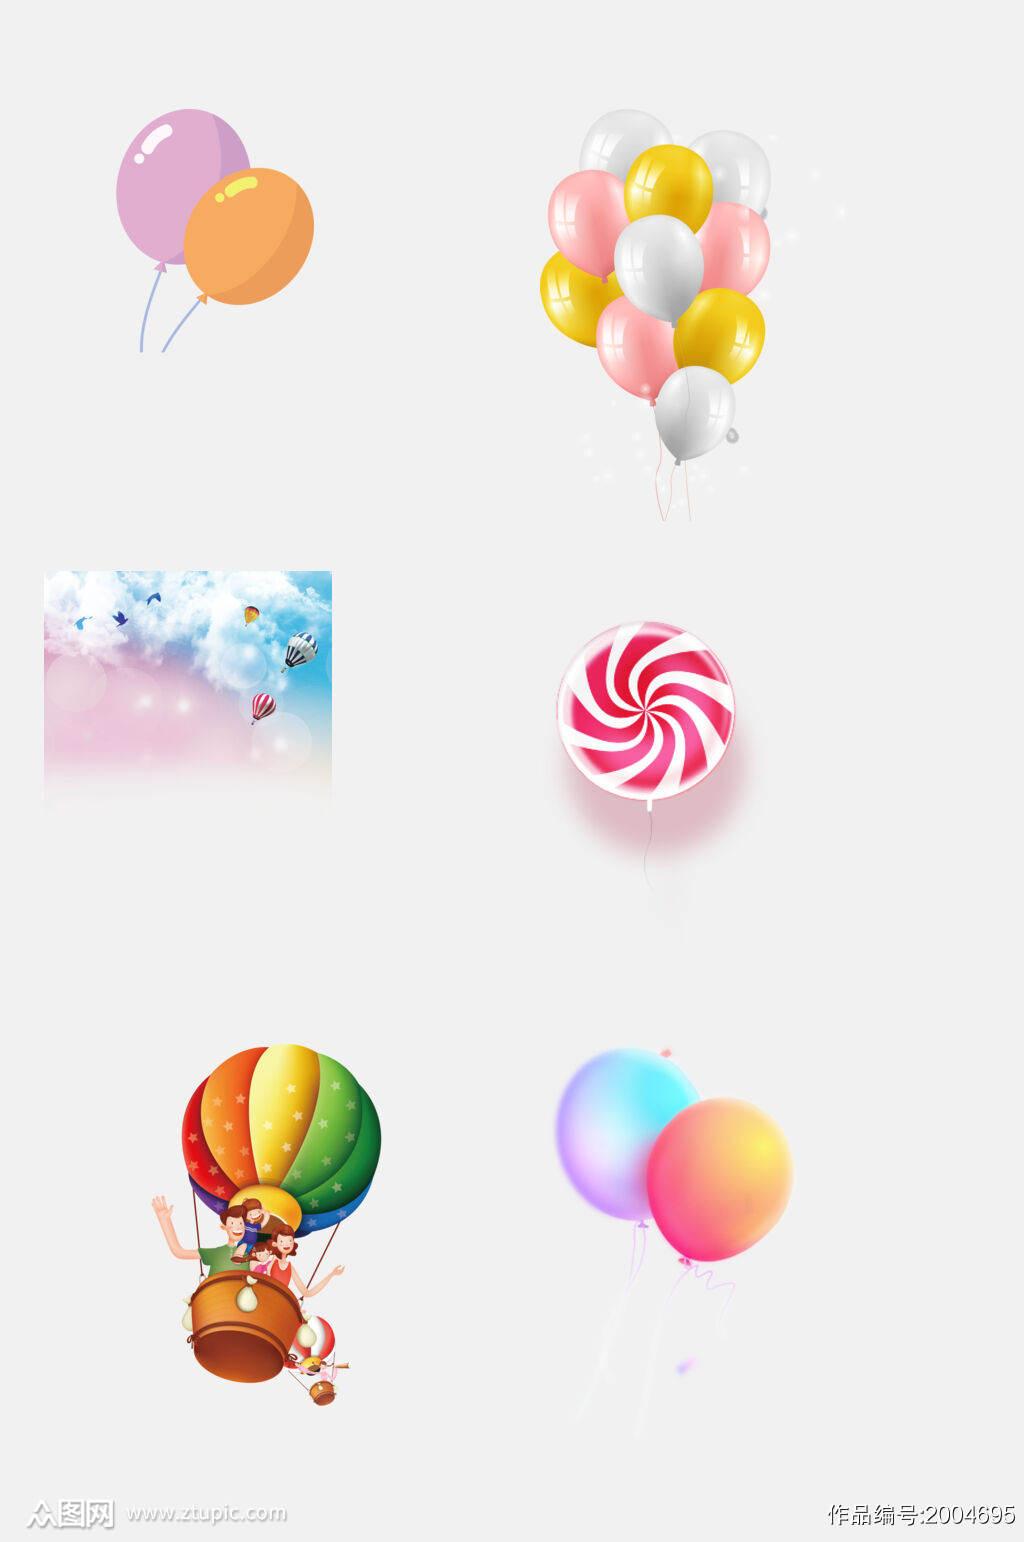 水彩渐变气球免抠元素素材